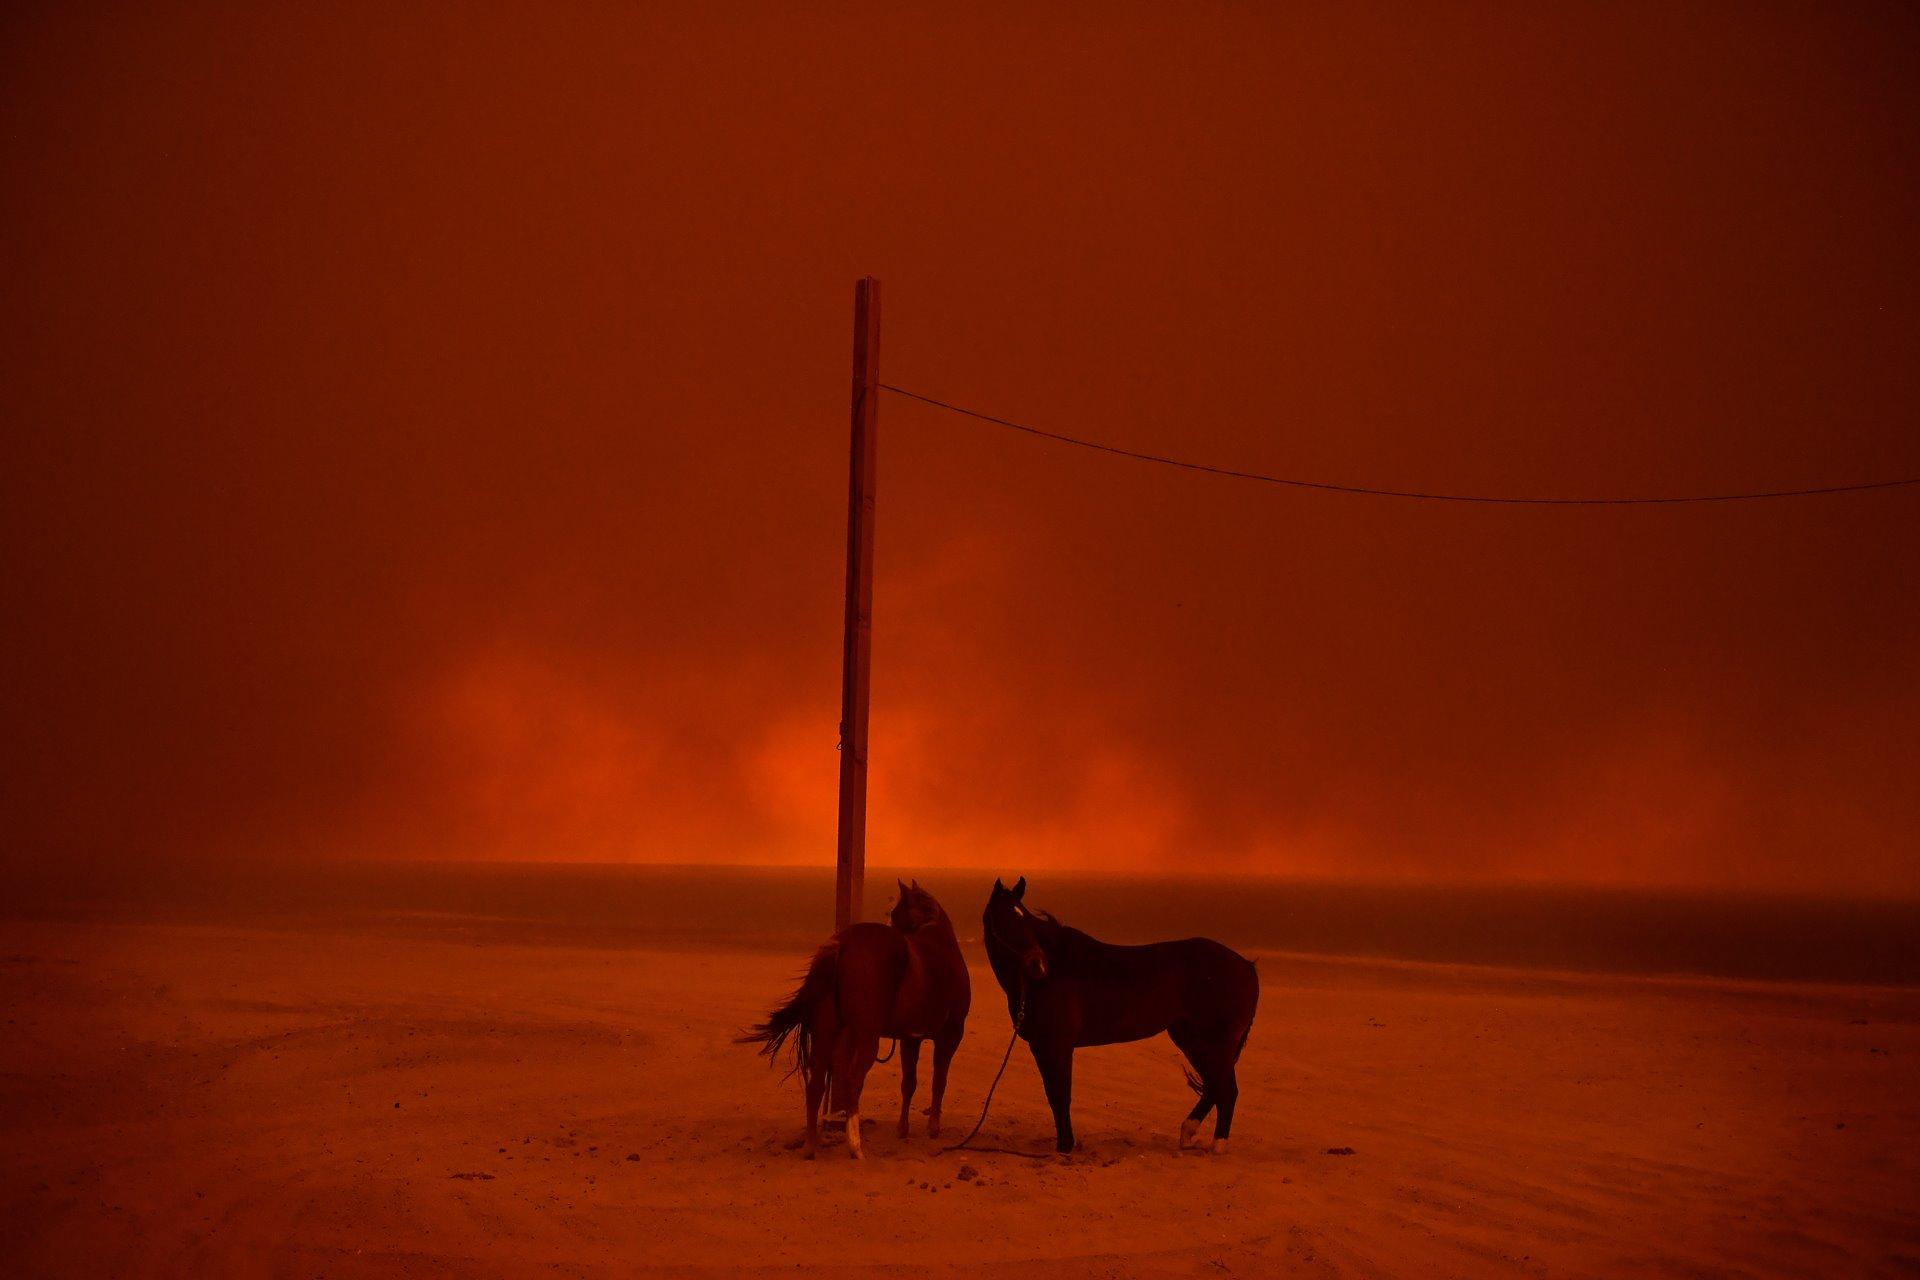 Los caballos evacuados permanecen atados a un poste, mientras el humo de un incendio forestal ondea sobre ellos, en la playa de Zuma, en Malibú, California / Foto: Wally Skalij (Los Angeles Times)